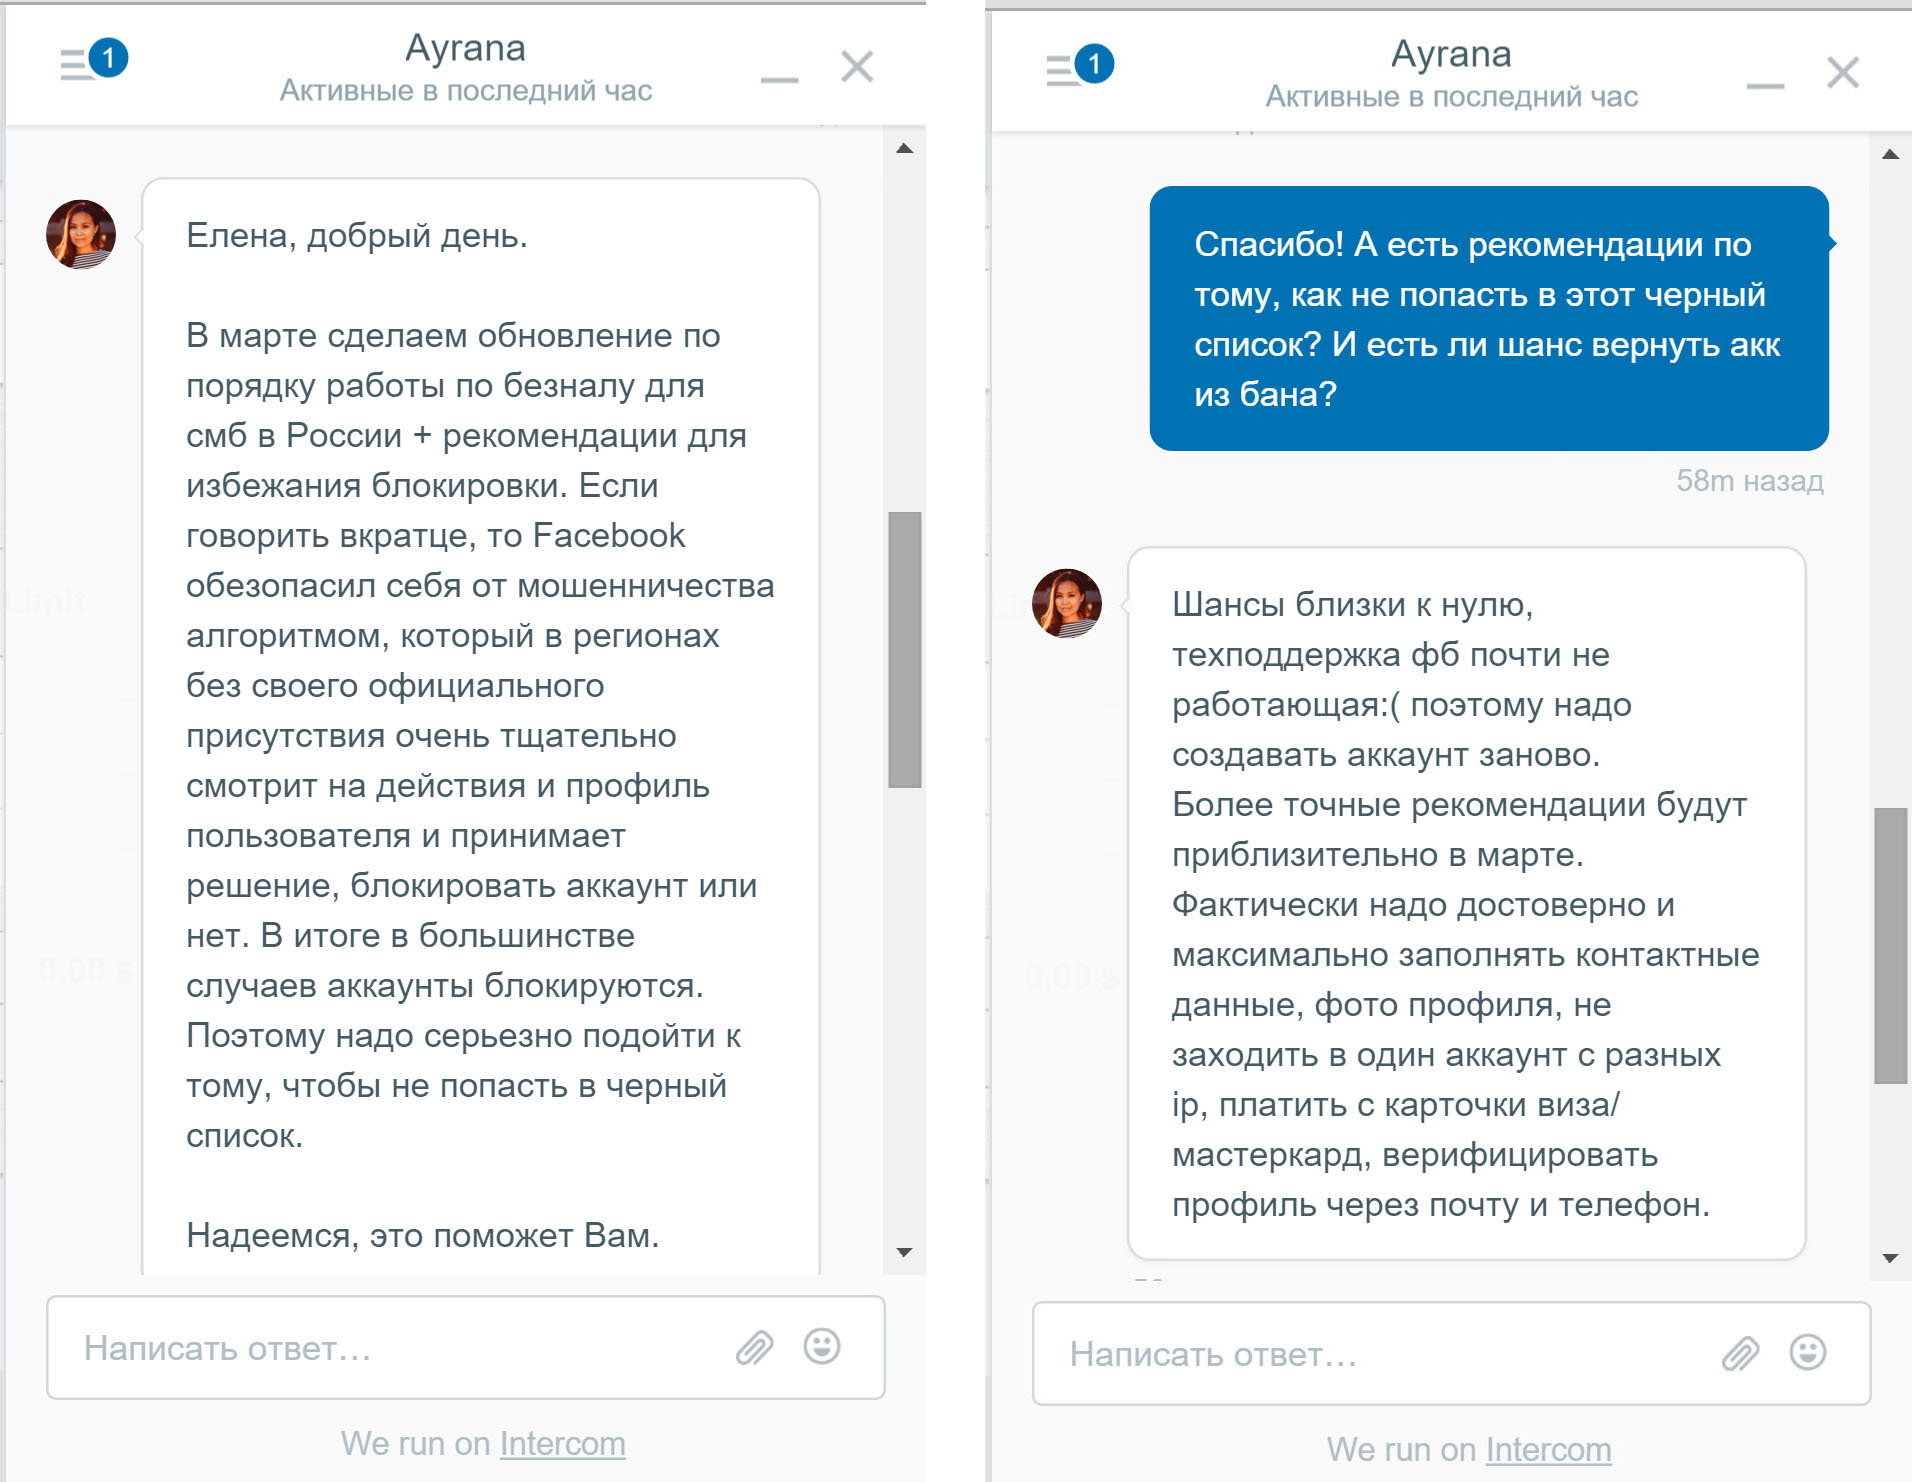 не работает инстаграм Twitter: Официальная реклама в инстаграм: как разместить и как